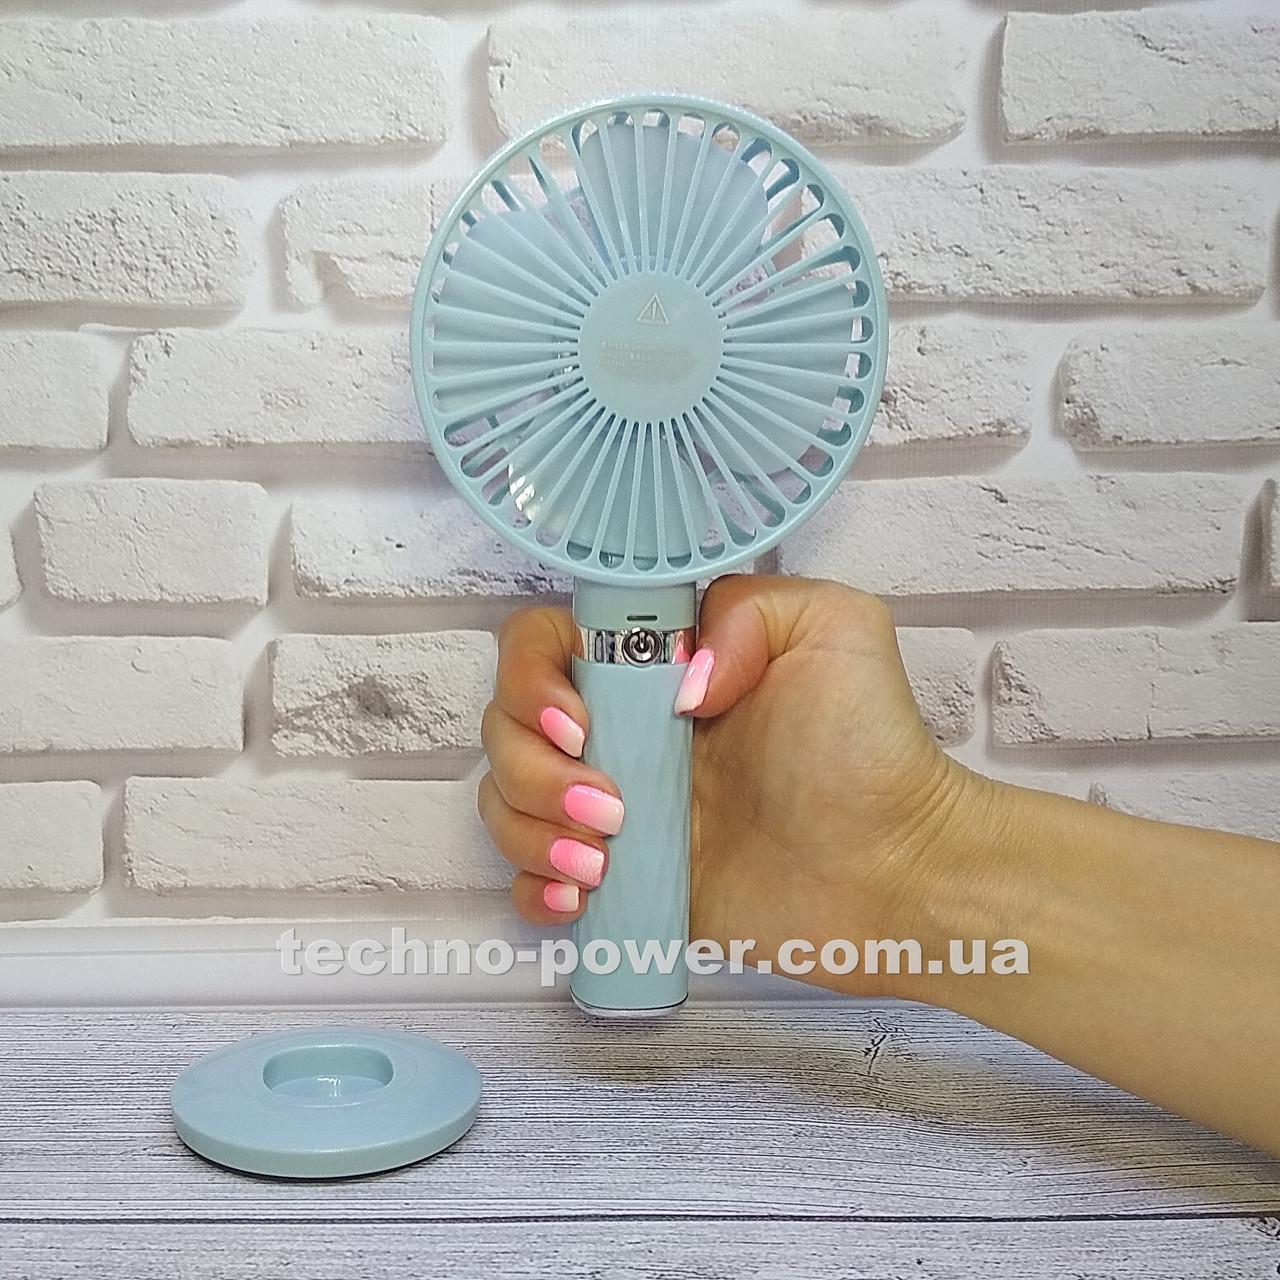 Портативный мини-вентилятор Handy Fan S8 Blue. Ручной вентилятор с аккумулятором S8 Фиолетовый